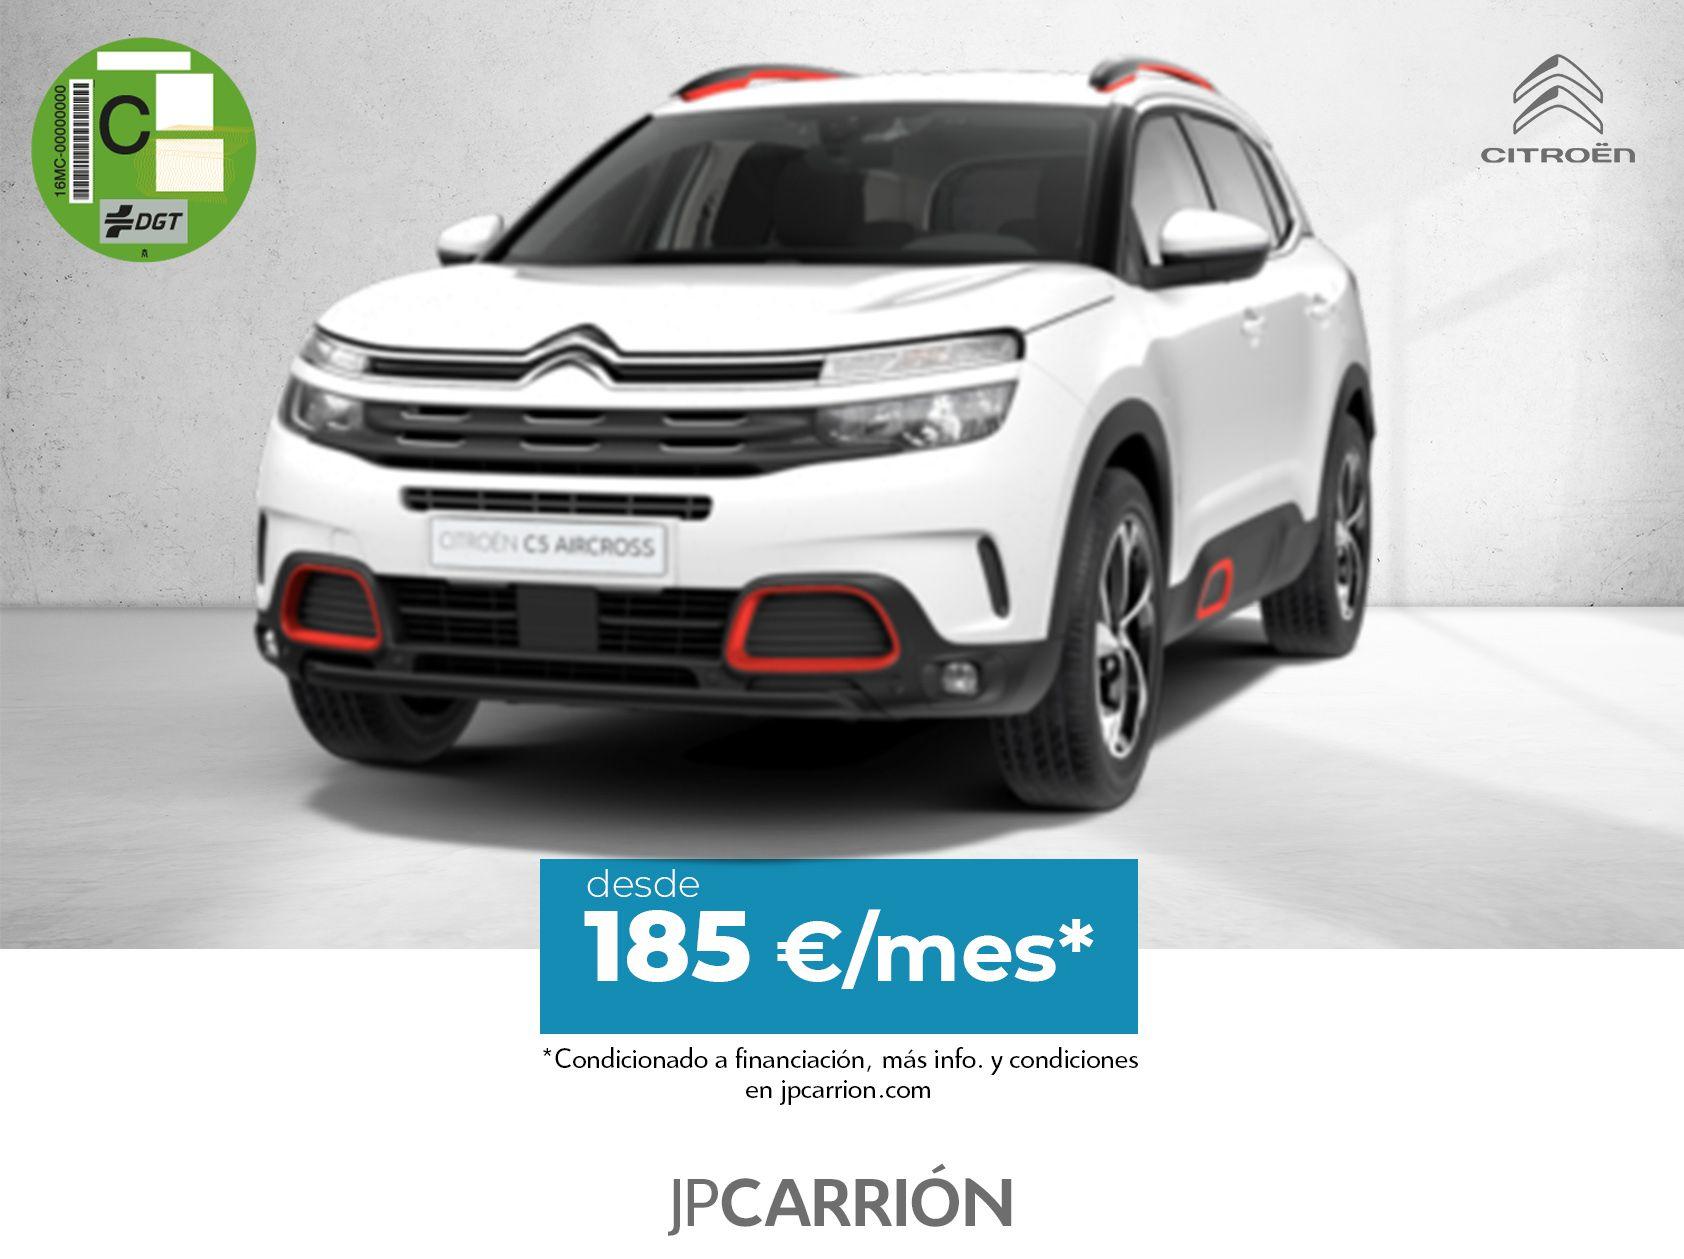 Oferta C5 Aircross desde 185 €/mes*